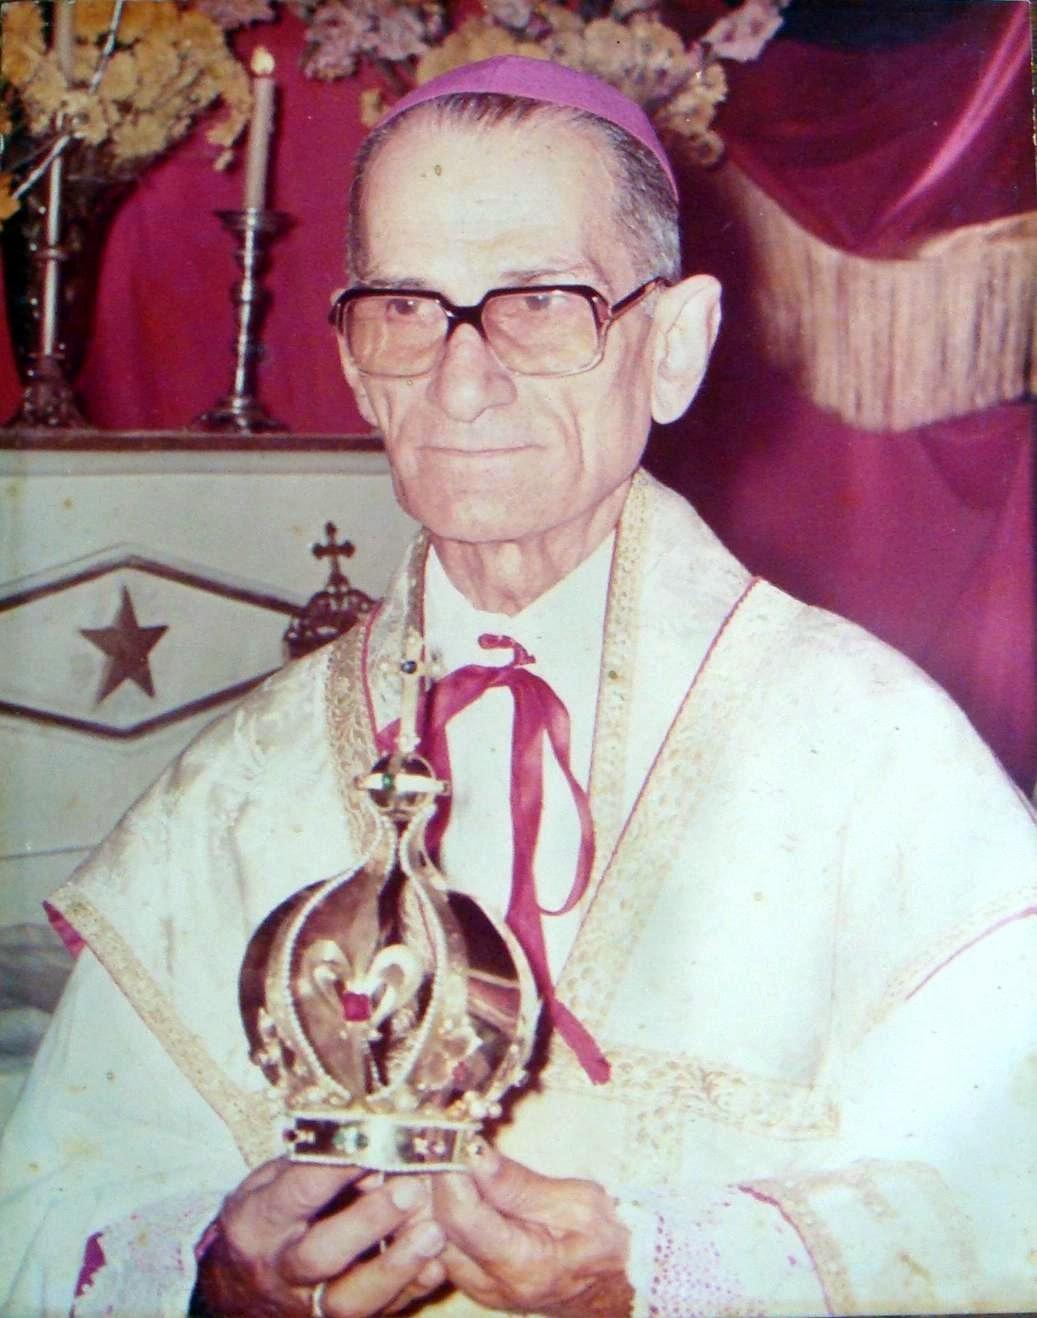 DOM ANTÔNIO DE CASTRO MAYER (1904-1991)